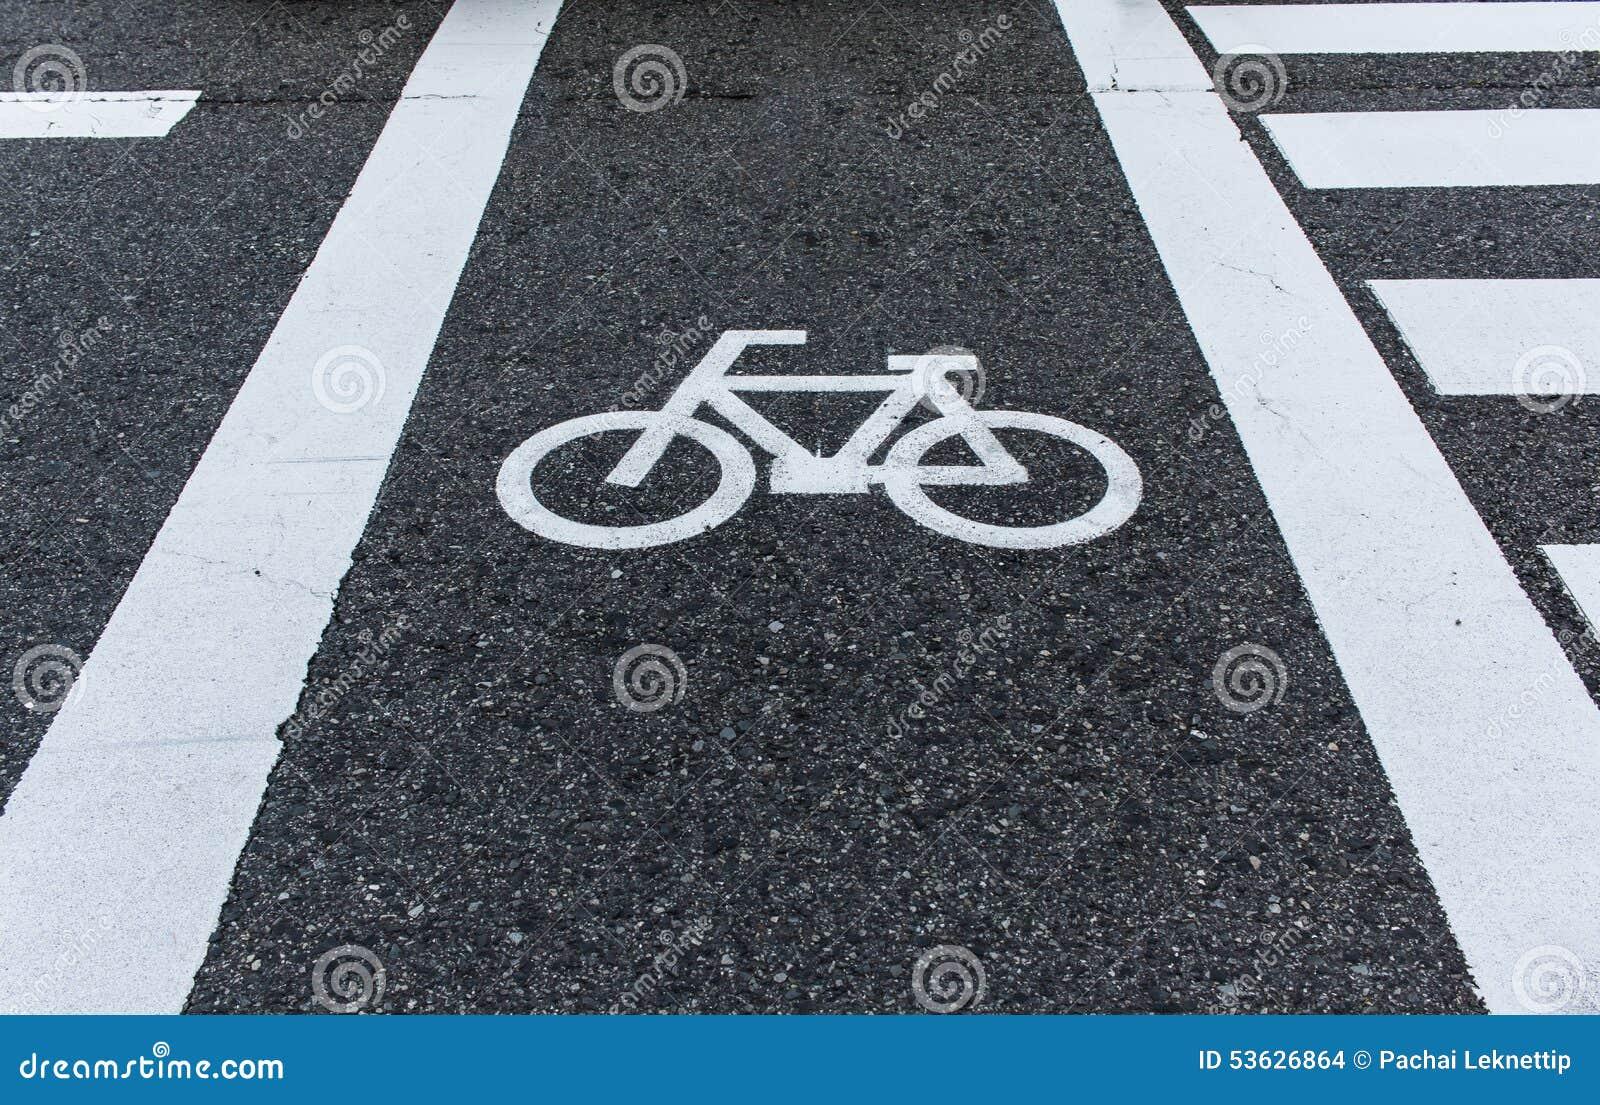 Cykla vägmärket